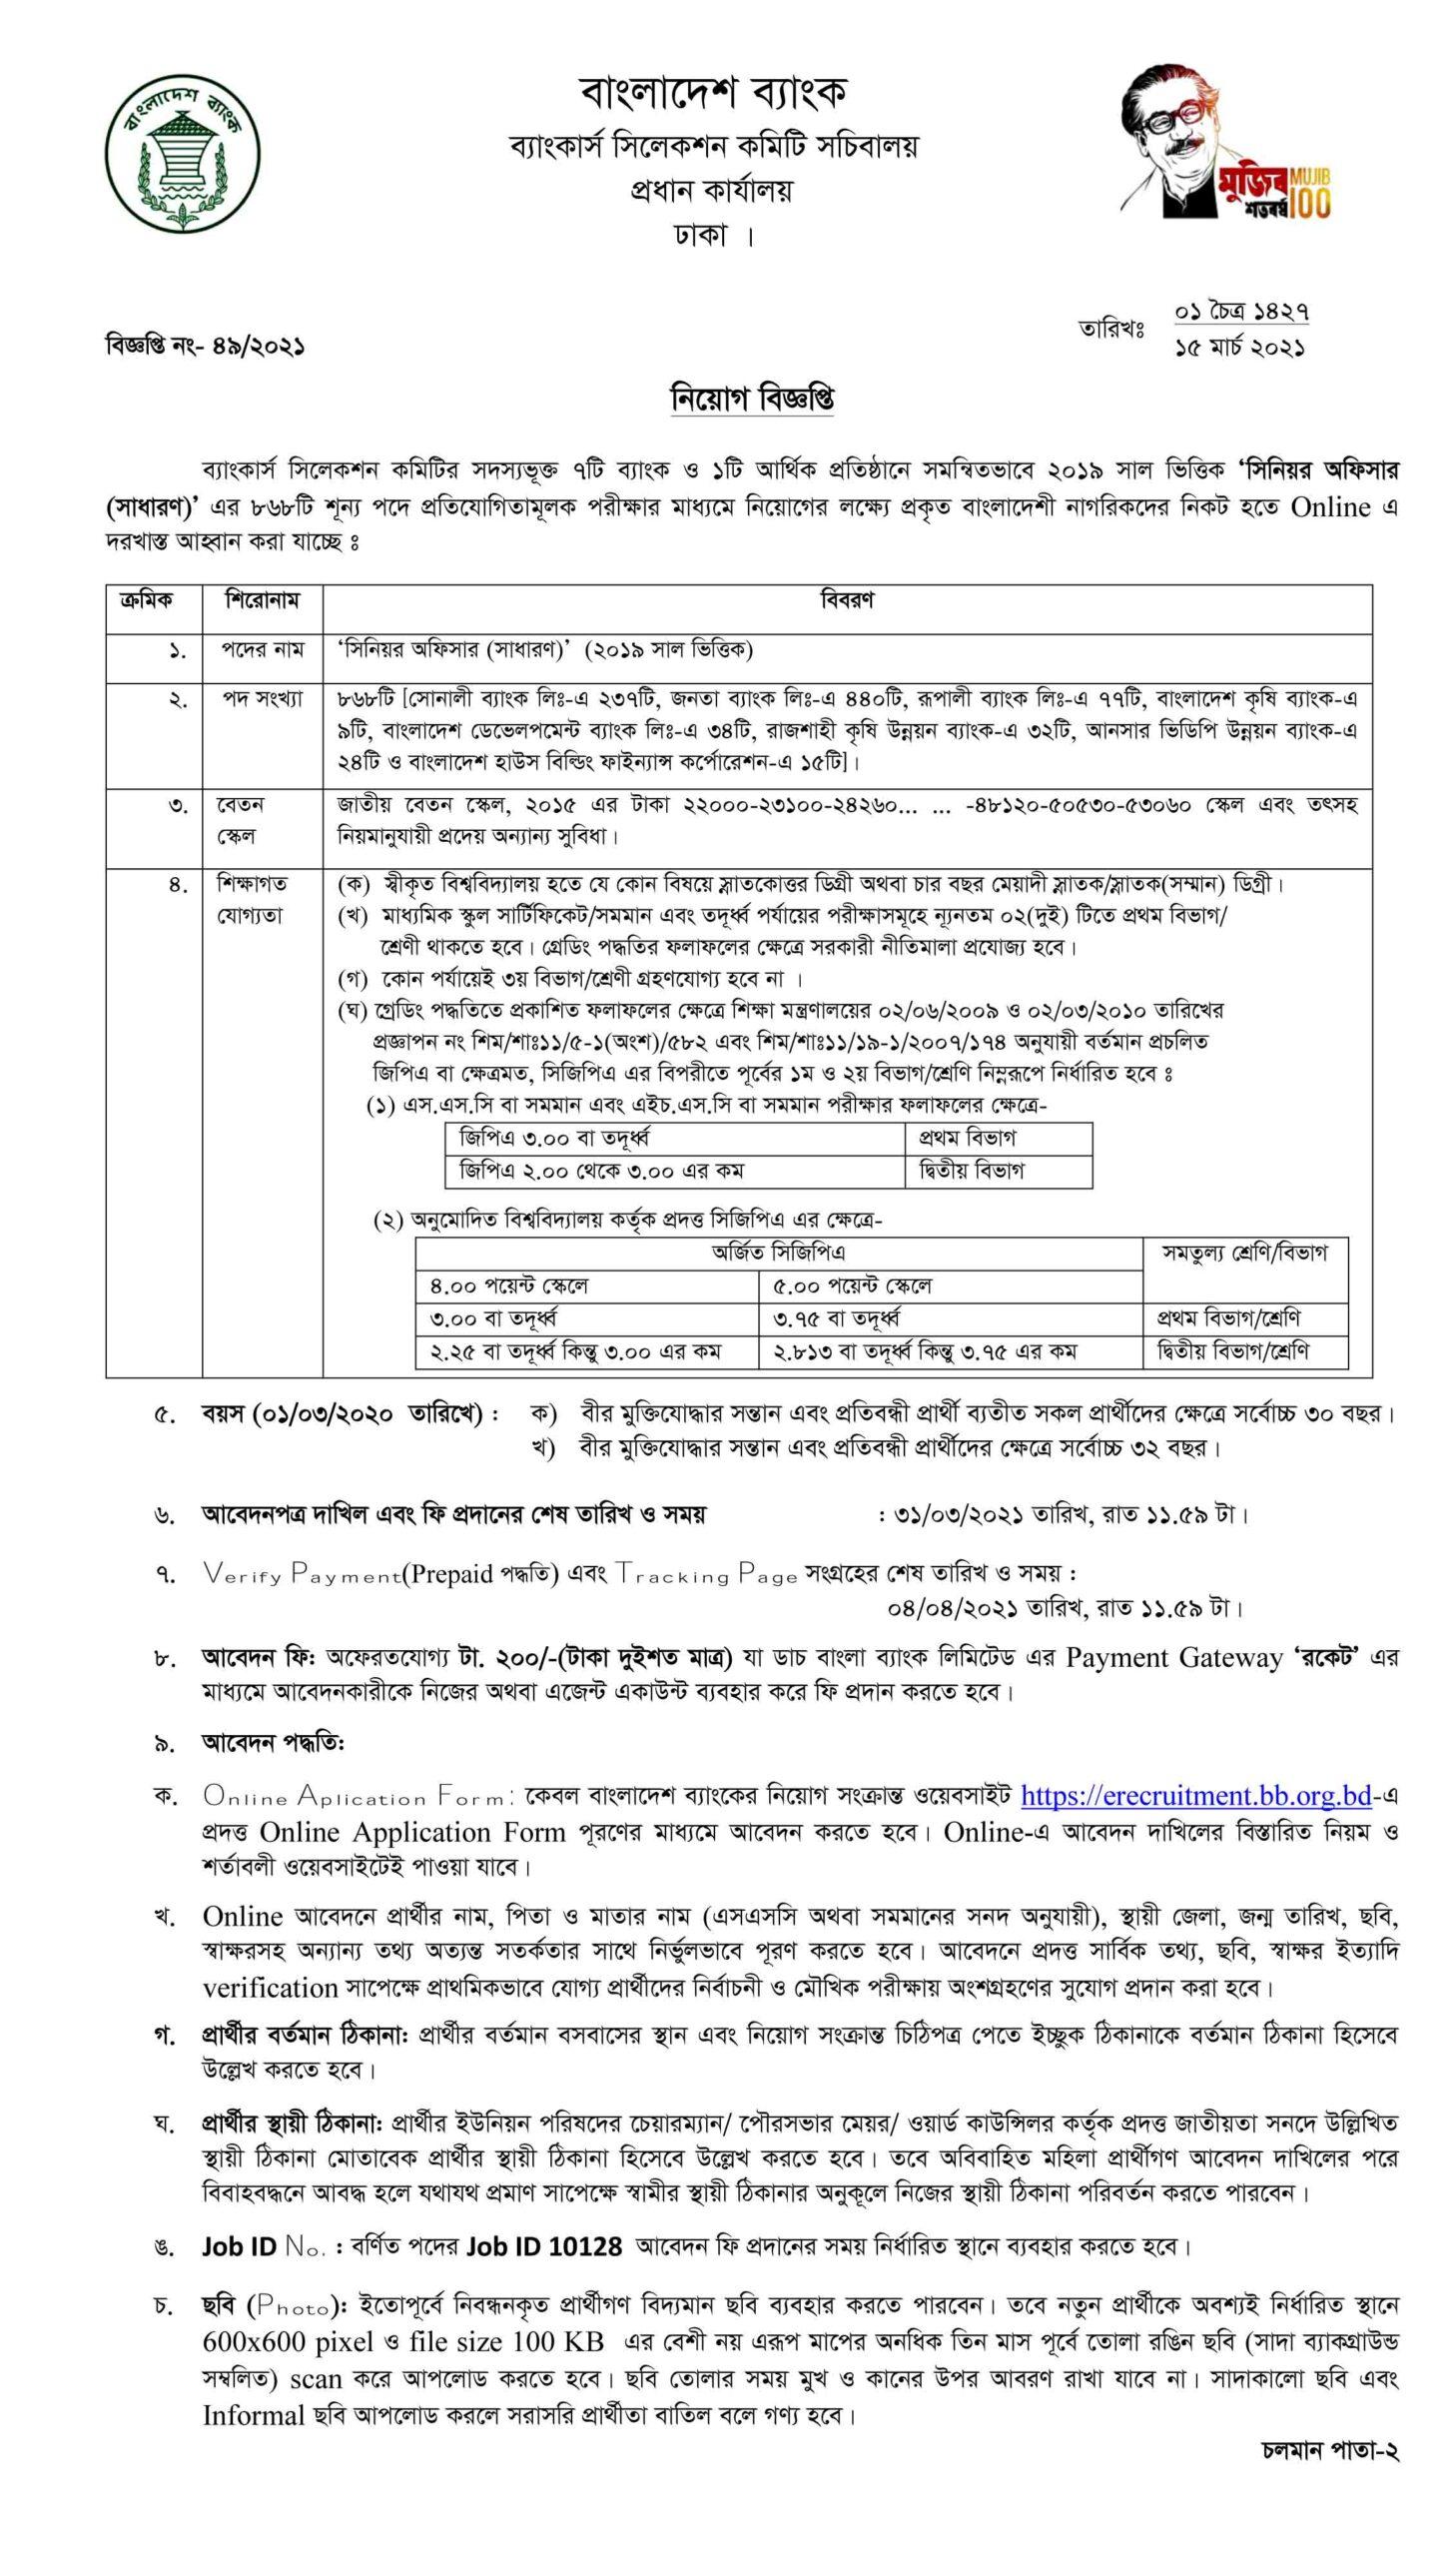 বাংলাদেশ ব্যাংক নিয়োগ বিজ্ঞপ্তি:২০২১-বাংলাদেশ ব্যাংক চাকরির খবর ২০২১, বাংলাদেশ ব্যাংক জব সার্কুলার 2021, Bangladesh Bank Job Circular 2021, BD Bank Job Circular 2021, bank job circular 2021 bd,